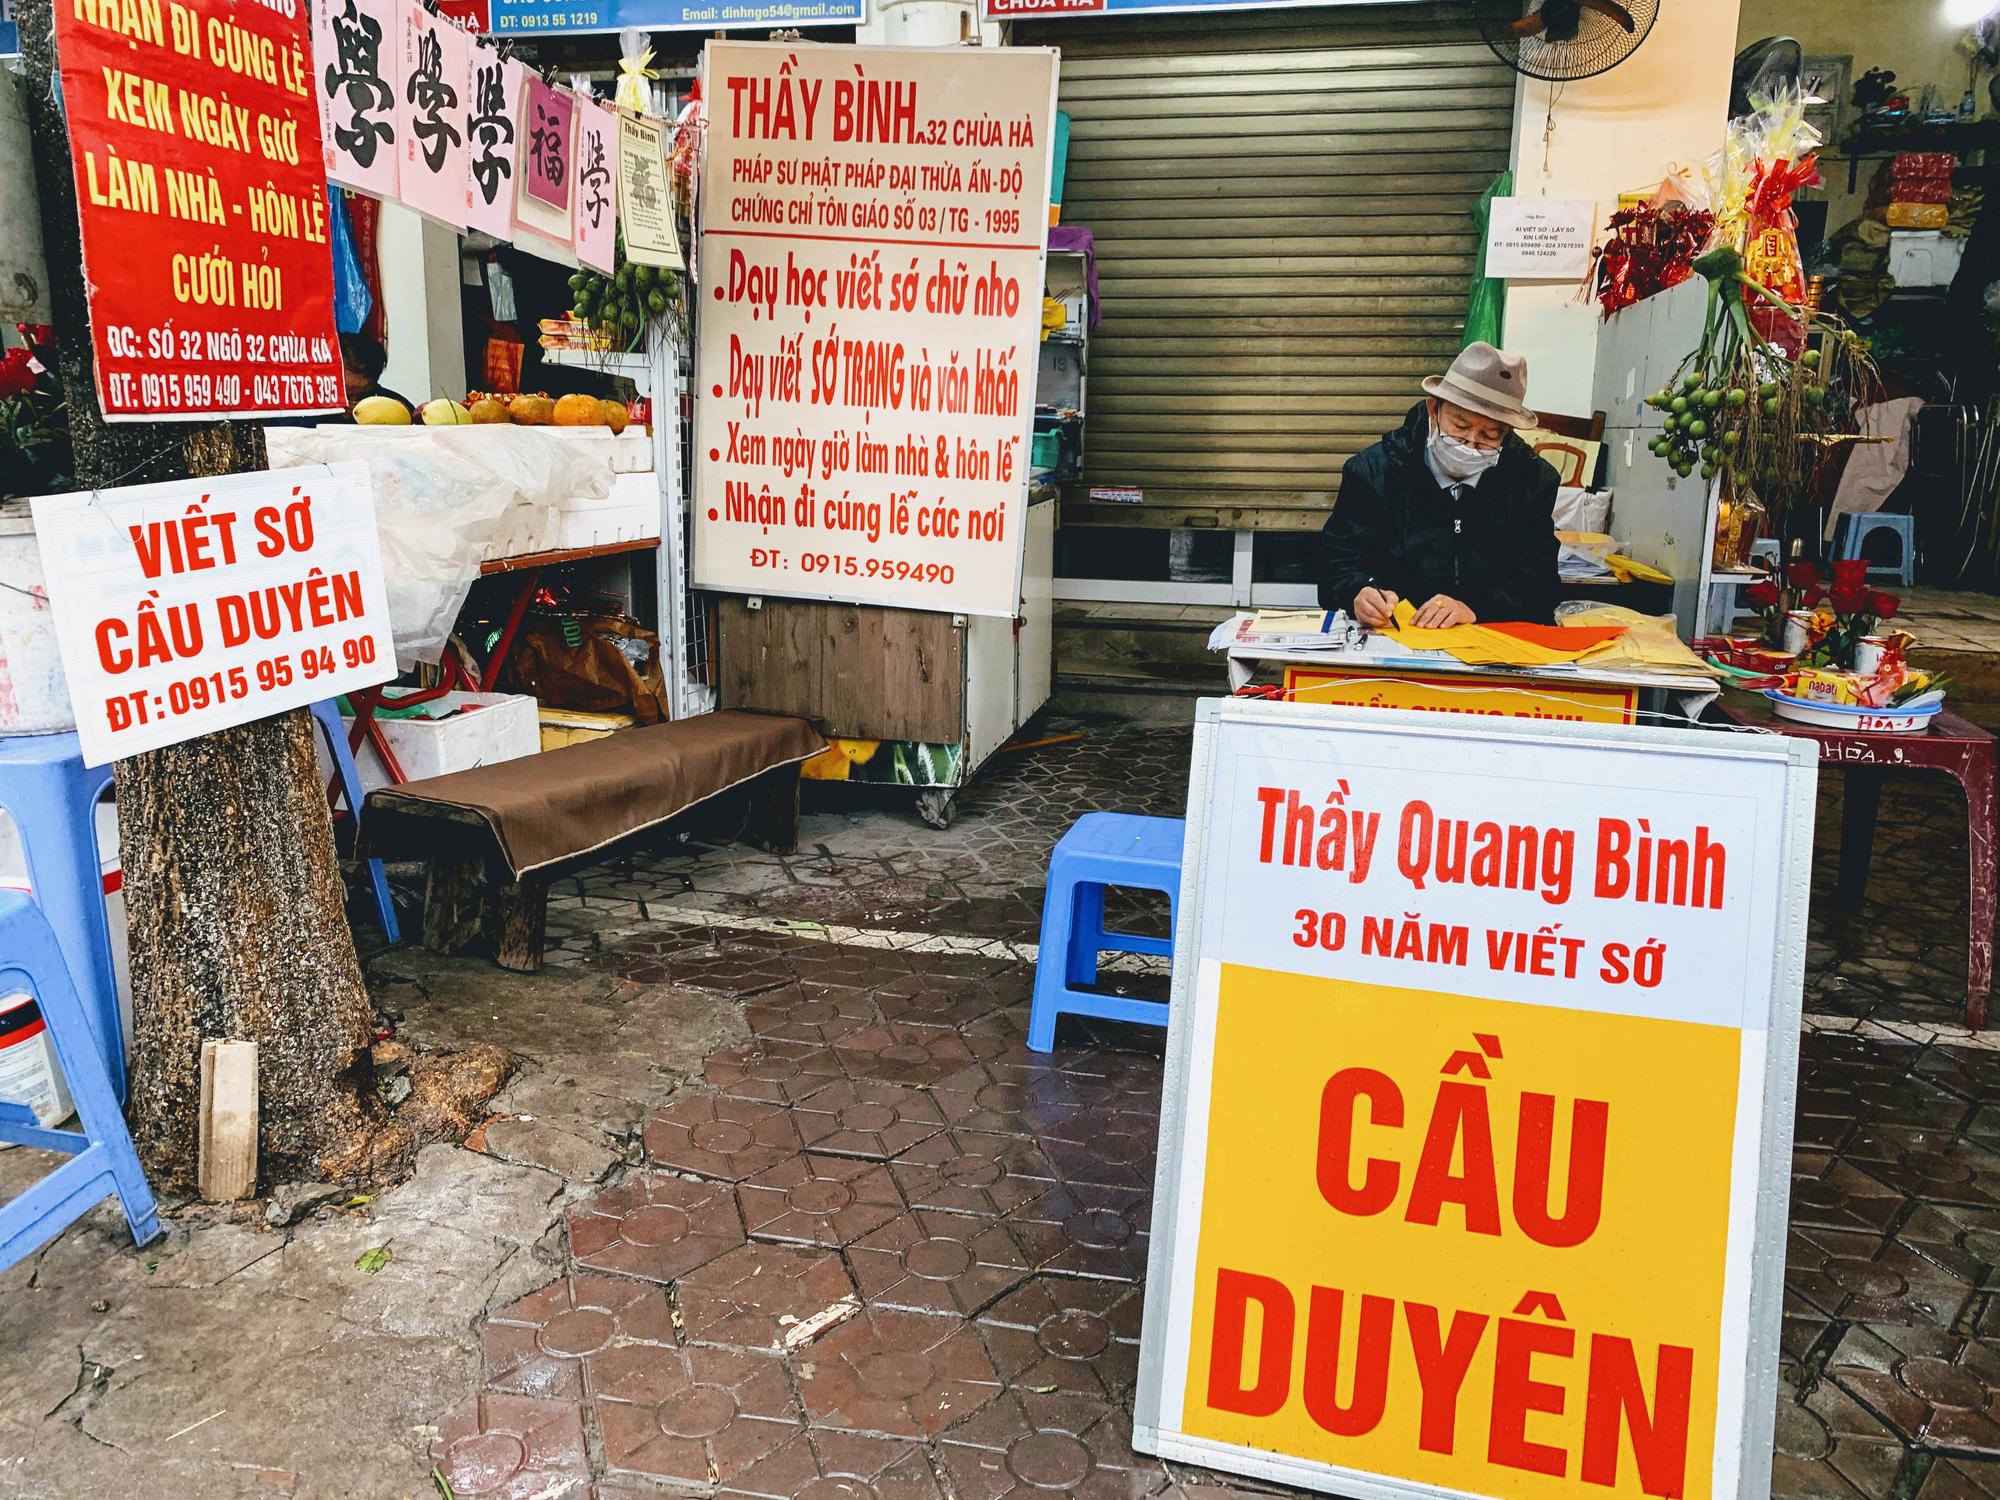 Rằm tháng Giêng, hàng quán ven đền chùa ế ẩm, người bán than trời: Chưa năm nào vắng như năm nay - Ảnh 11.